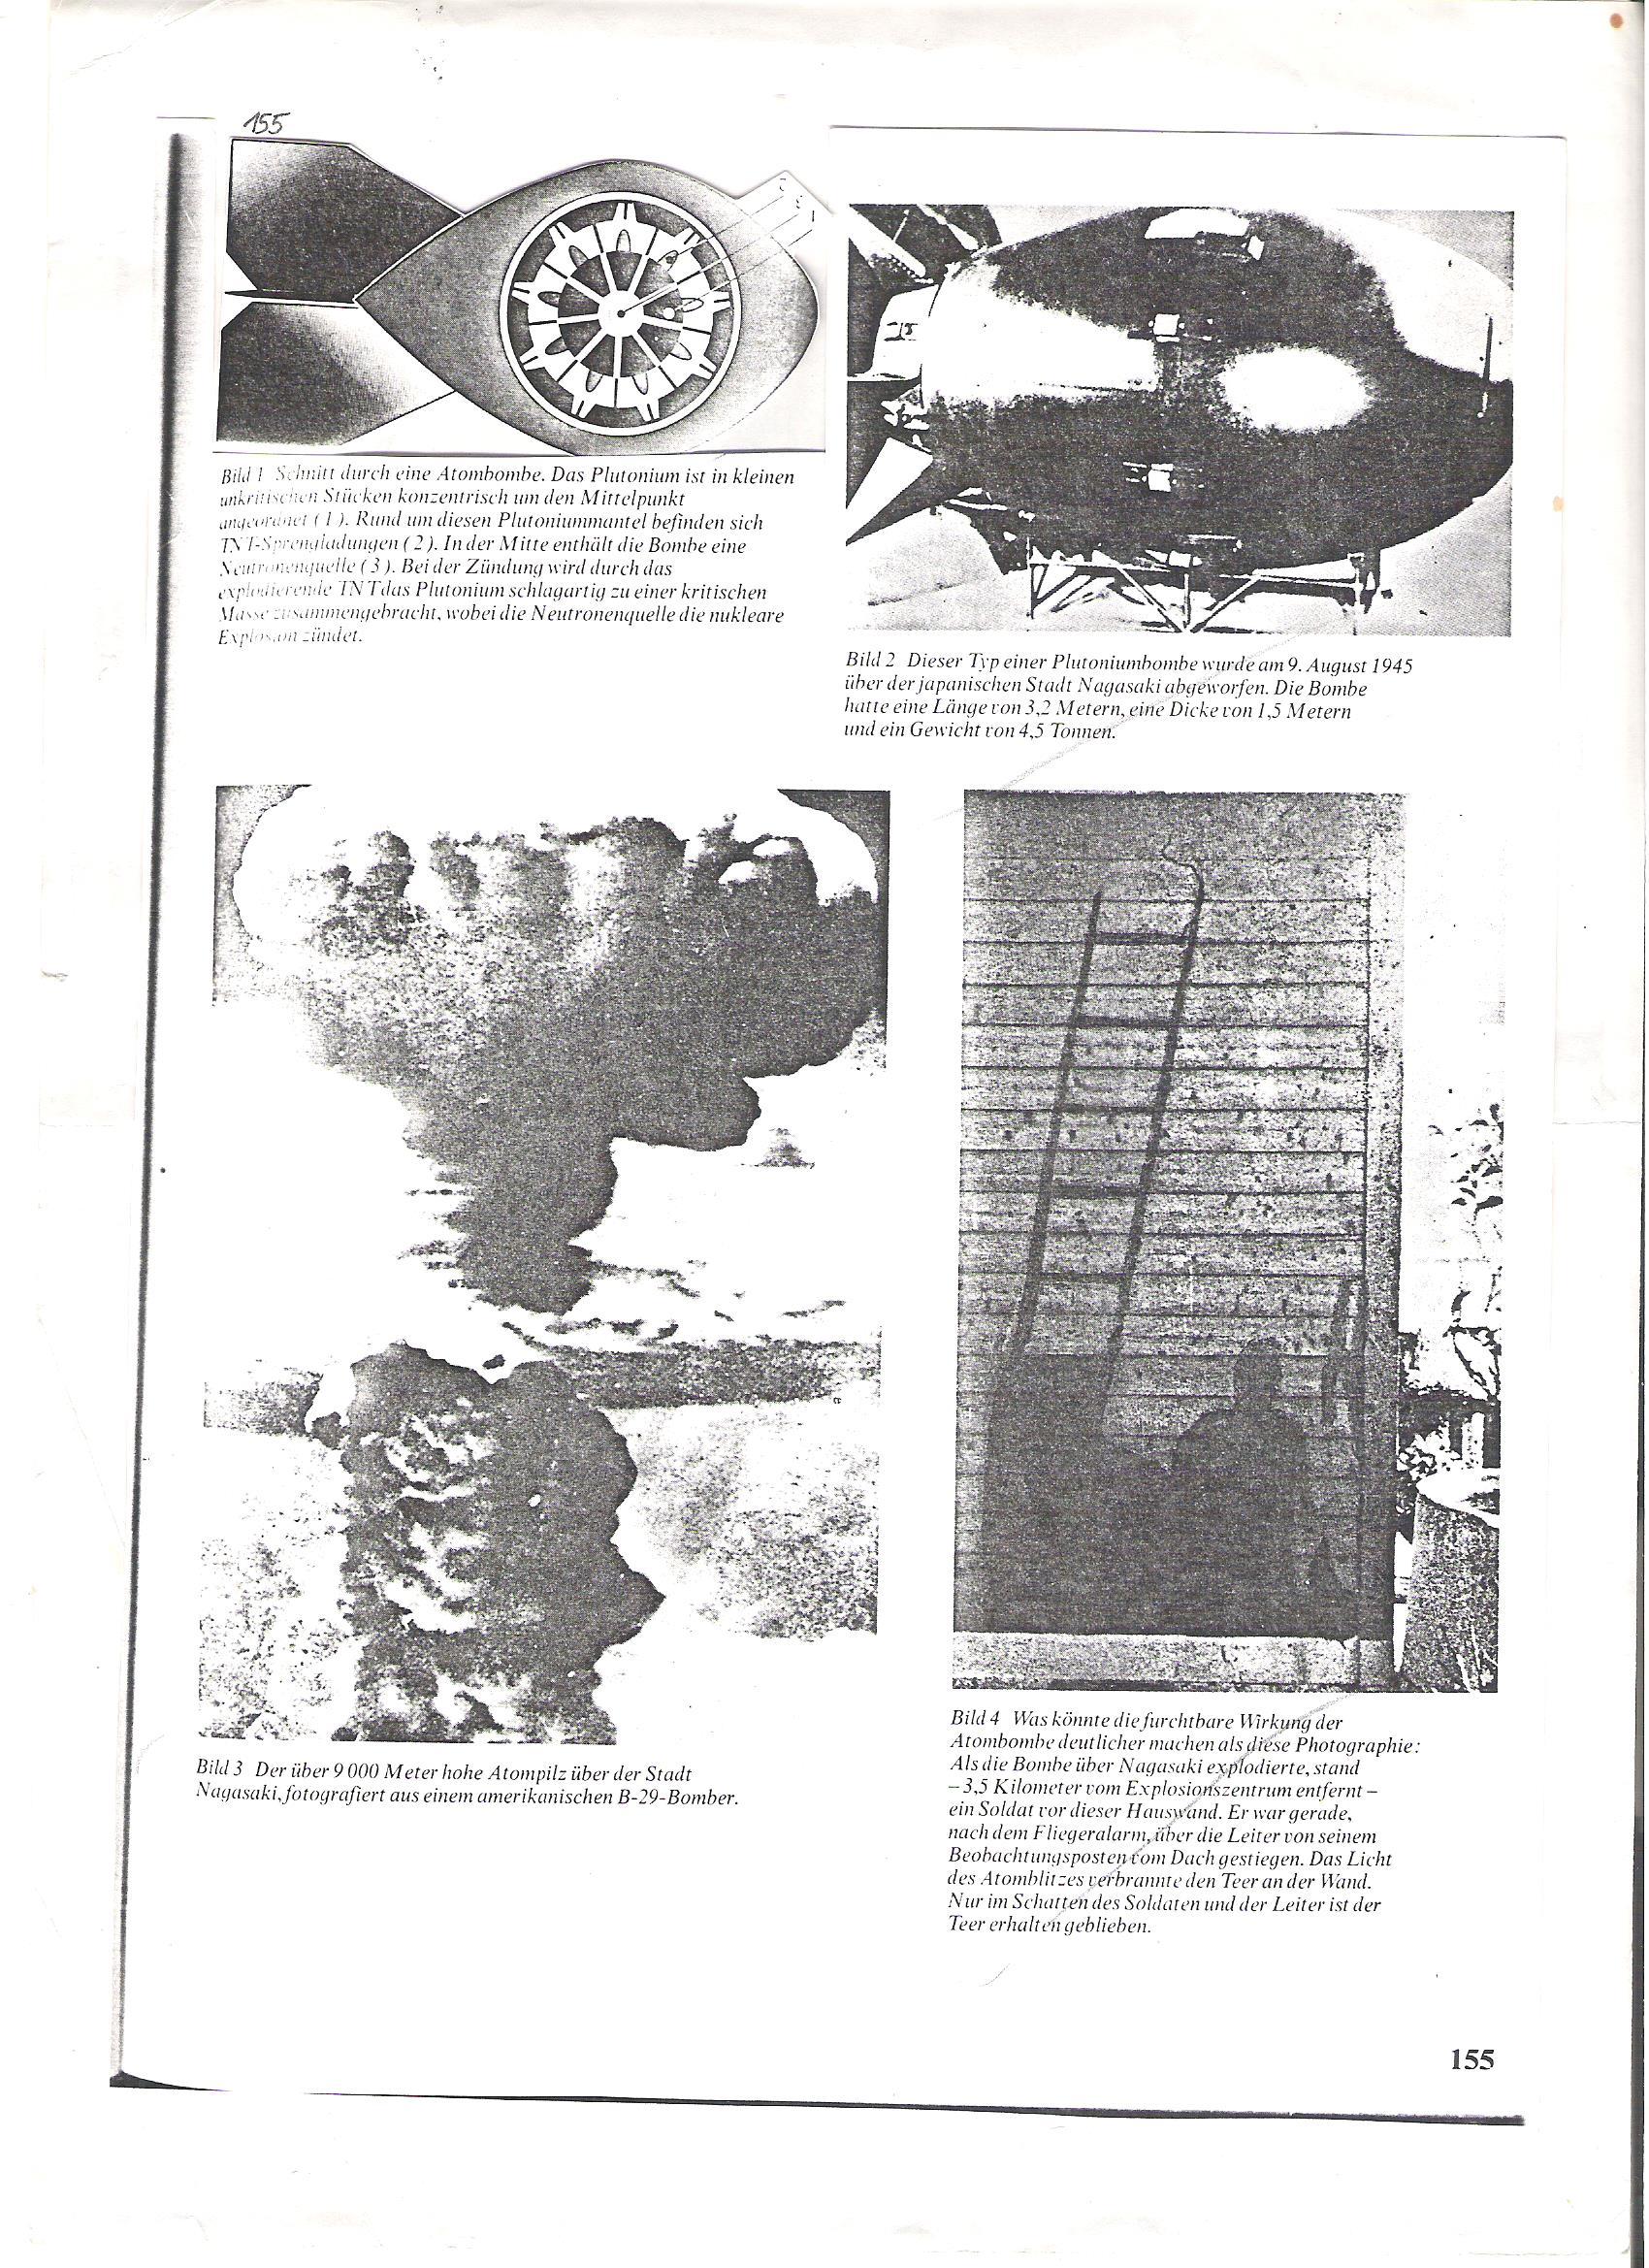 155<br />Kép 1 Egy atombomba keresztmetszete. A plutónium kis, nem kritikus darabokban koncentrikusan a bomba középpontja körül van elhelyezve (1). Ezt a plutóniumköpenyt TNT-robbanótöltetek veszik körül (2). Gyújtáskor a robbanó TNT a plutóniumot hirtelen kritikus tömeggé nyomja össze, miközben a neutronforrás nukleáris robbanást idéz elő. <br /><br />Kép 2  Ilyen típusú plutóniumbombát dobtak le Nagaszakira 1945. aug. 9-én. A bomba 3,5 m hosszú, 1,5 m vastag és 4,5 tonna súlyú volt.<br /><br />Kép3  Mi adná vissza egy atombomba rettenetes hatását, mint ez a fénykép? Mikor a bomba Nagaszaki fölött fölrobbant, 3,5 km-re a robbanás középpontjától ott állt egy katona egy házfal előtt. Ő éppen egy bombariadó után mászott le őrhelyéről a tetőről. A bomba villámfénye leégette a kátrányt a falról. A kátrány csak a létra és a katona árnyékában maradt meg.